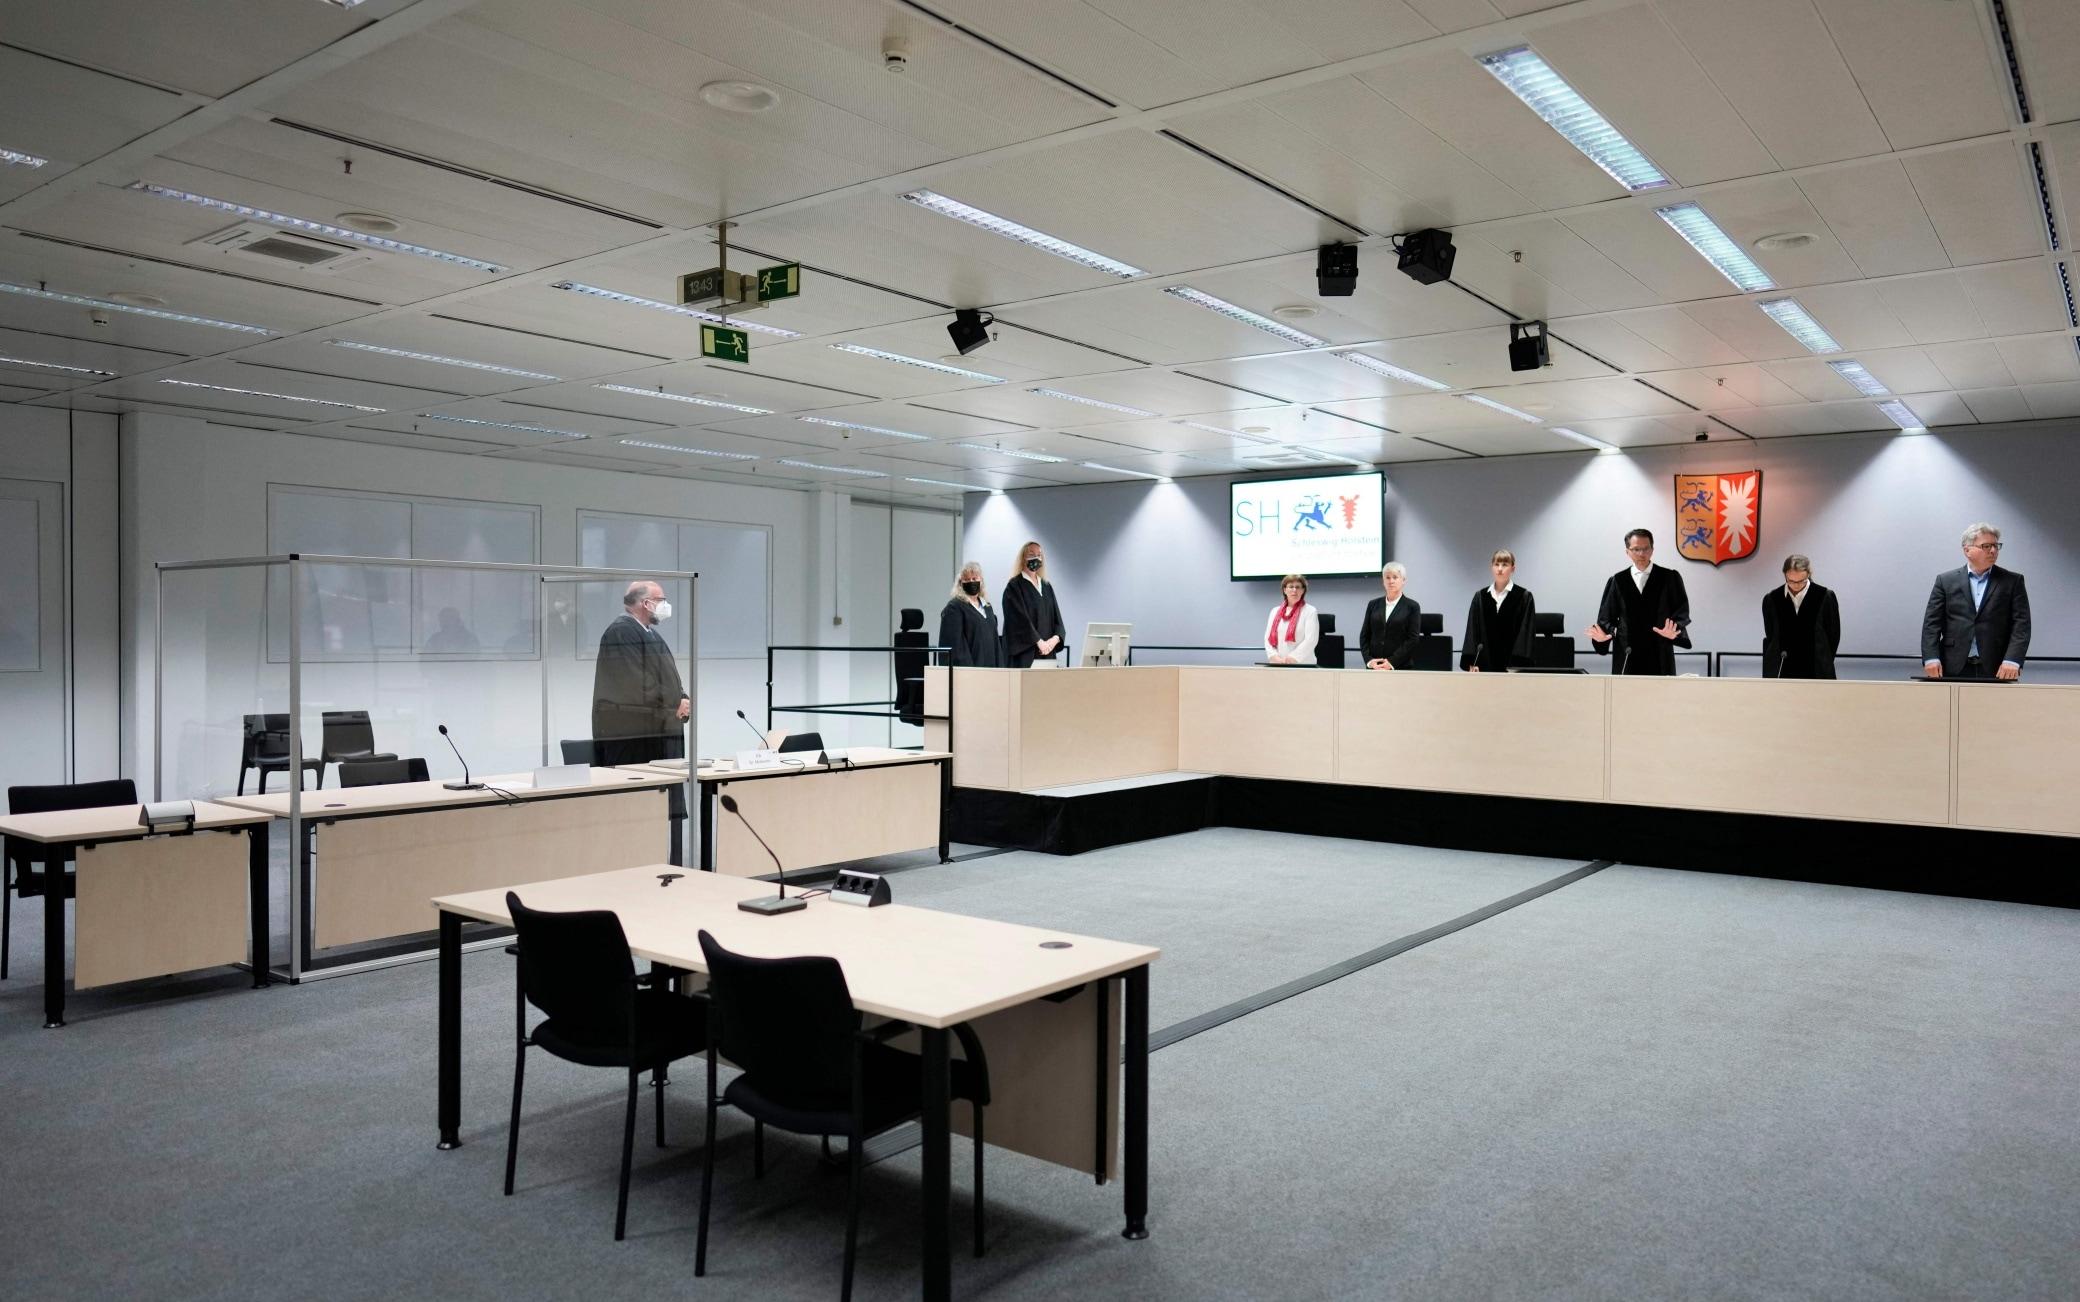 Il presidente giudice Dominik Gross e gli altri giudici al processo contro la 96enne nazista, a Itzehoe, il 30 settembre 2021